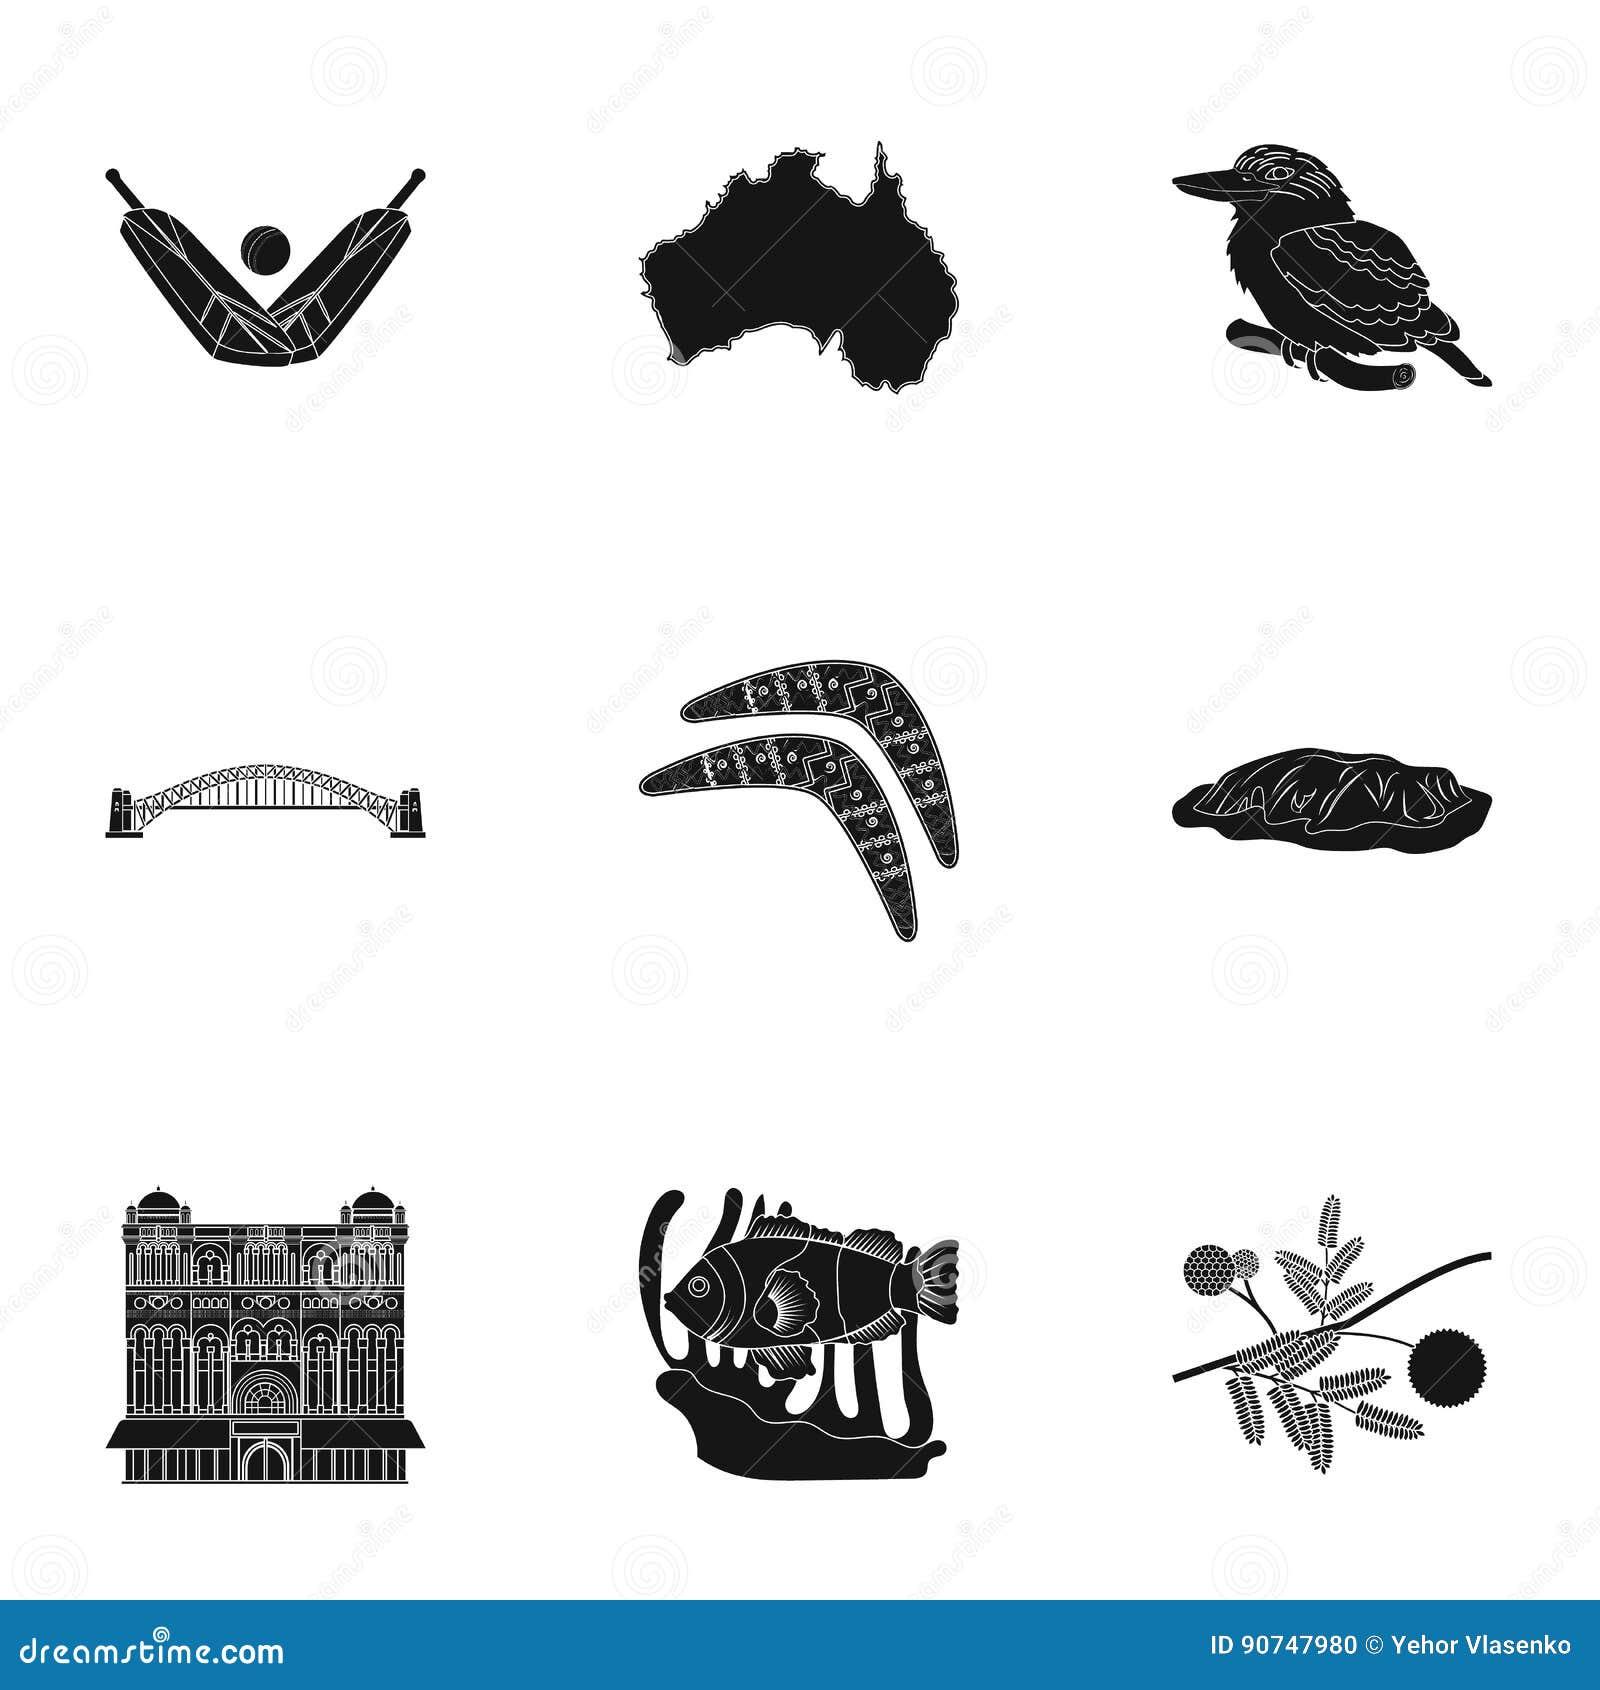 Black x date com in Australia